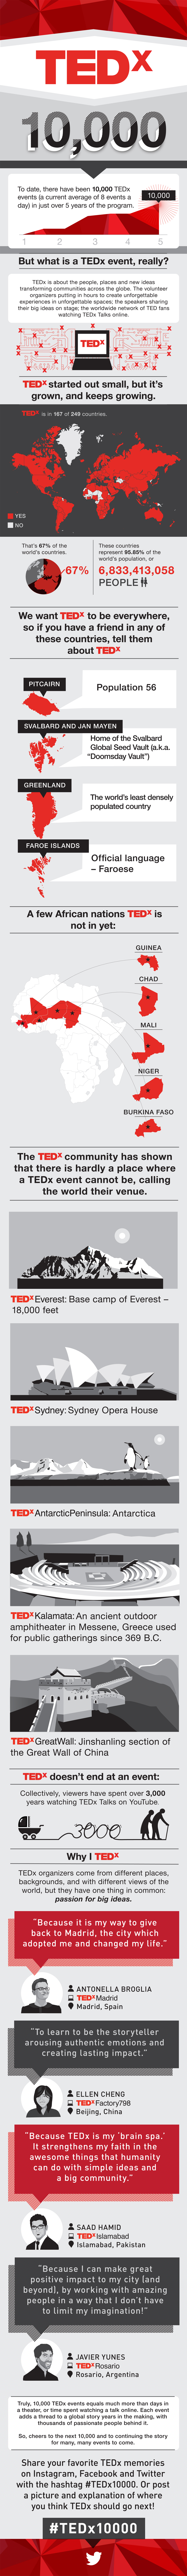 TEDx10000_52214_9am